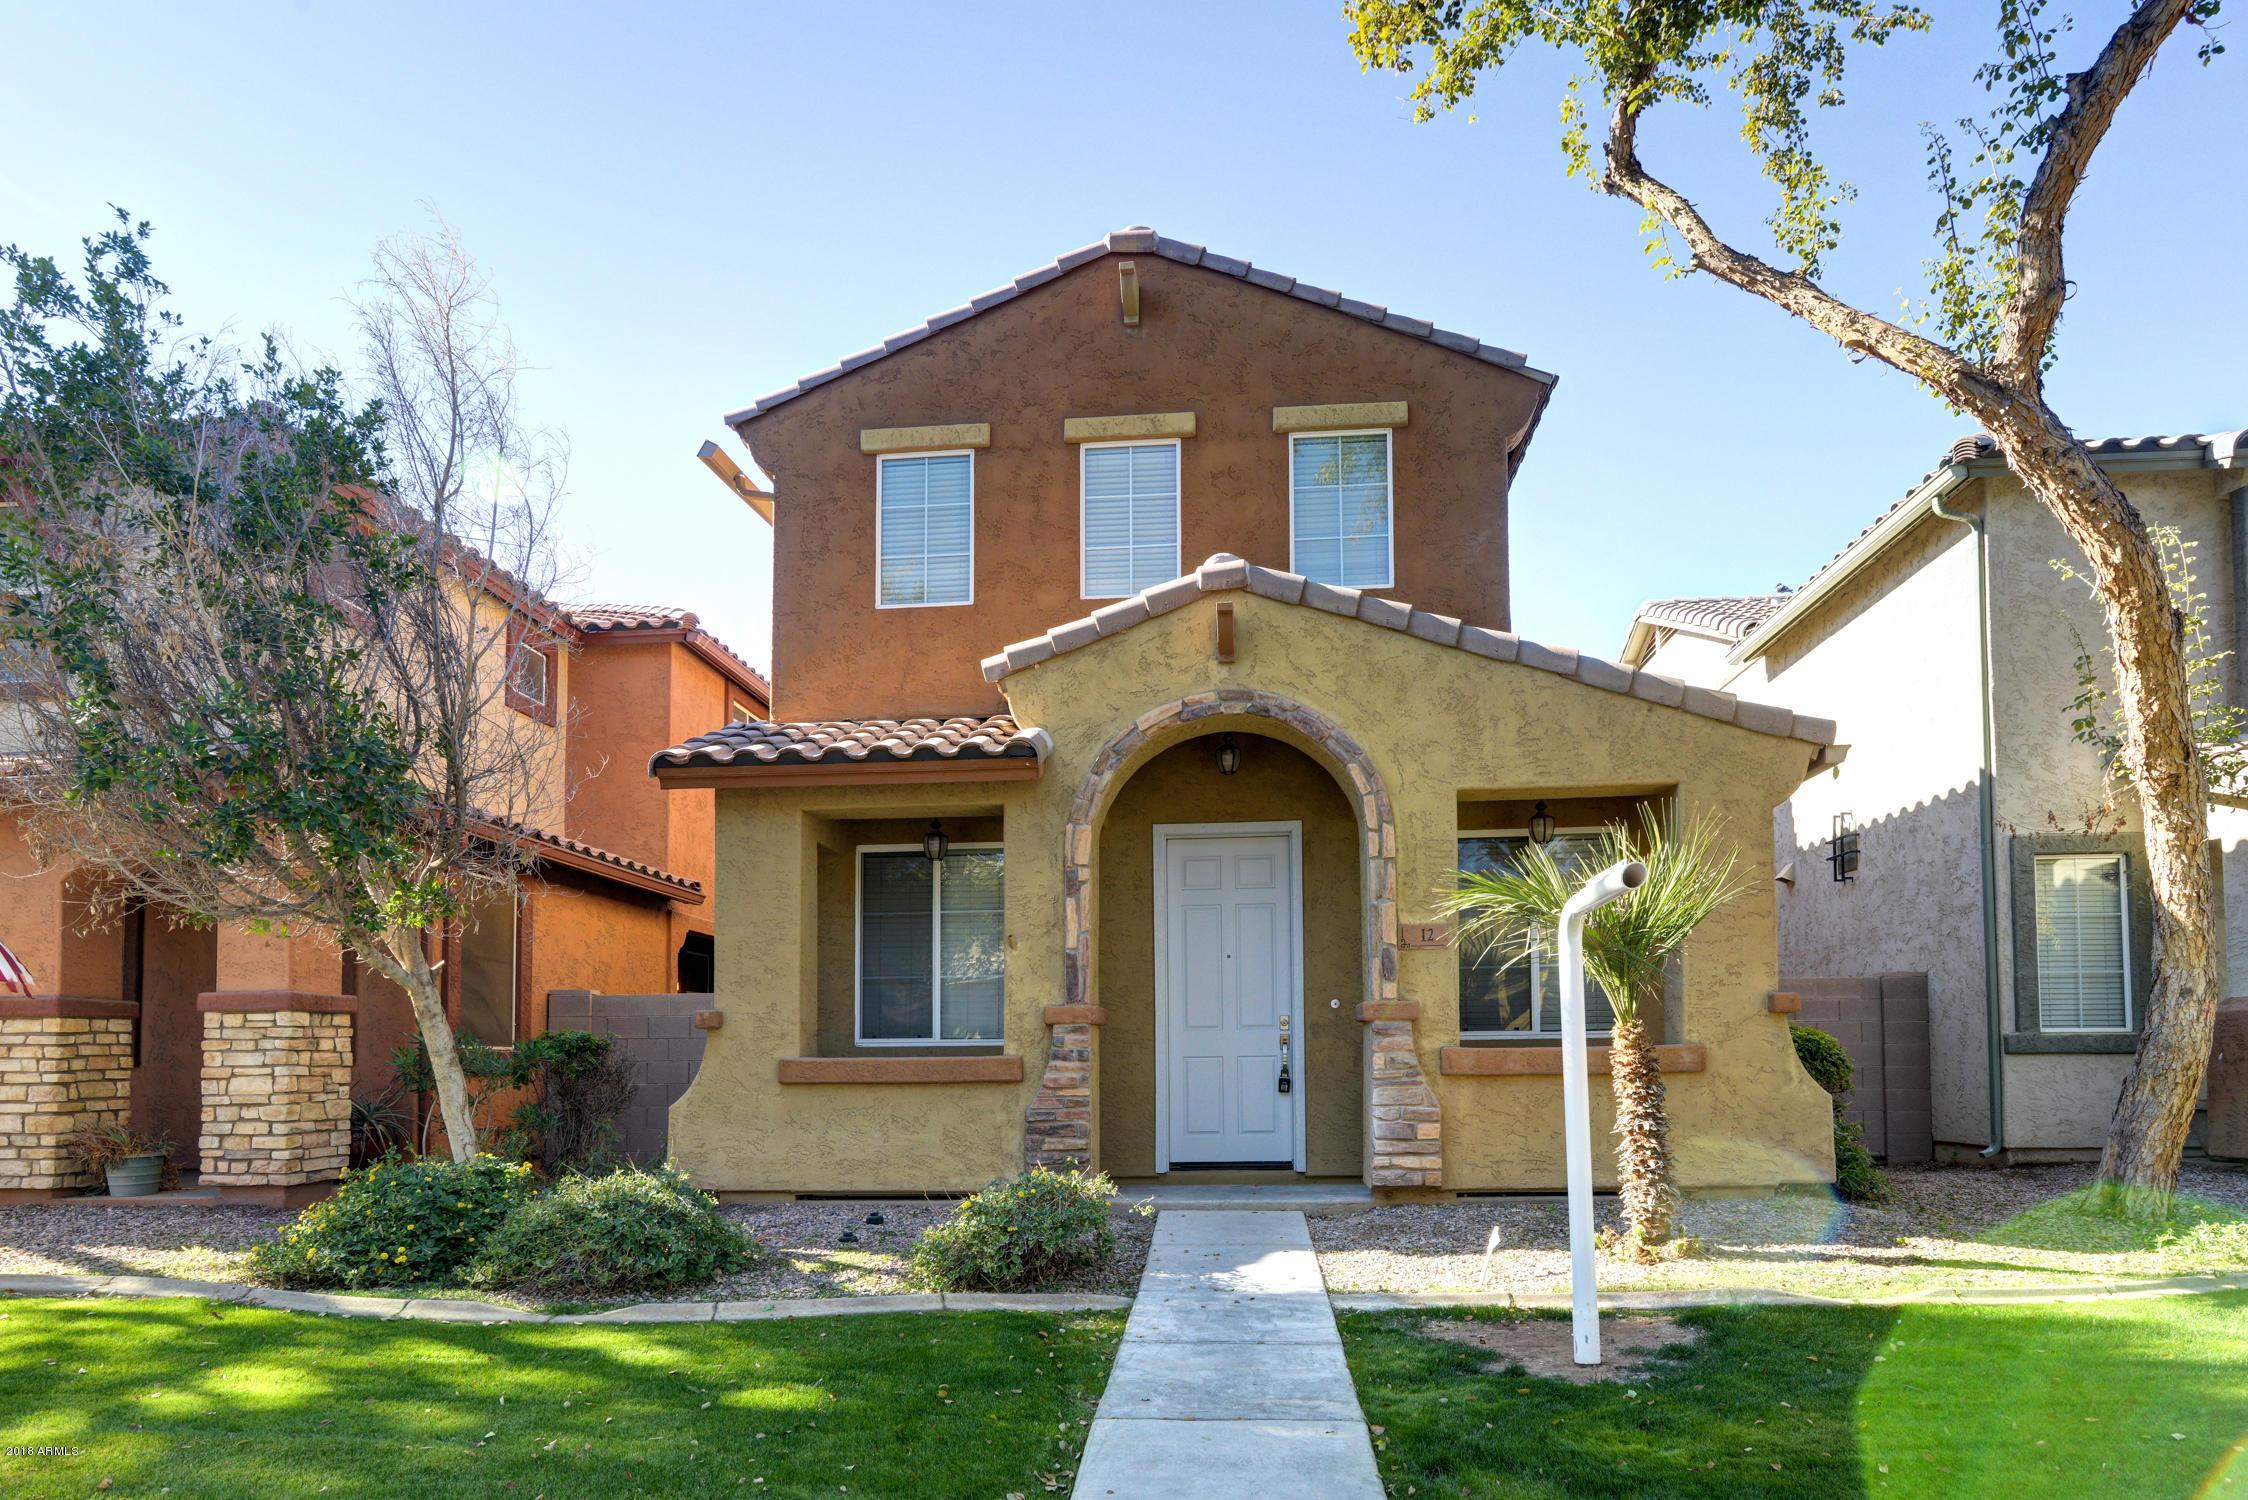 Photo of 12 N 87TH Lane, Tolleson, AZ 85353